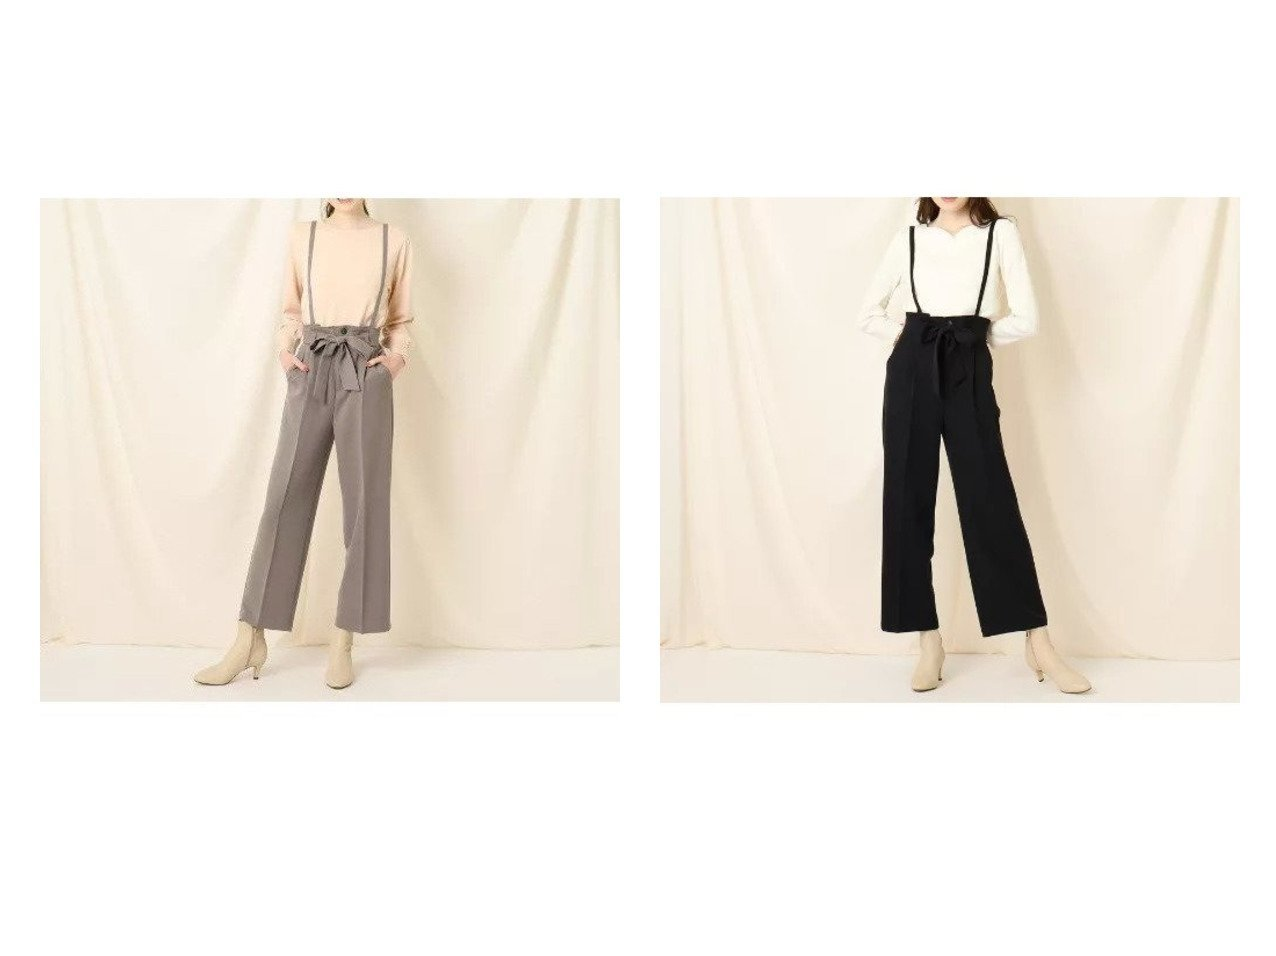 【Couture Brooch/クチュール ブローチ】のサスペンダーワイドパンツ パンツのおすすめ!人気、トレンド・レディースファッションの通販 おすすめで人気の流行・トレンド、ファッションの通販商品 メンズファッション・キッズファッション・インテリア・家具・レディースファッション・服の通販 founy(ファニー) https://founy.com/ ファッション Fashion レディースファッション WOMEN パンツ Pants サスペンダー ストレッチ ポケット リボン ロング ワイド |ID:crp329100000015287